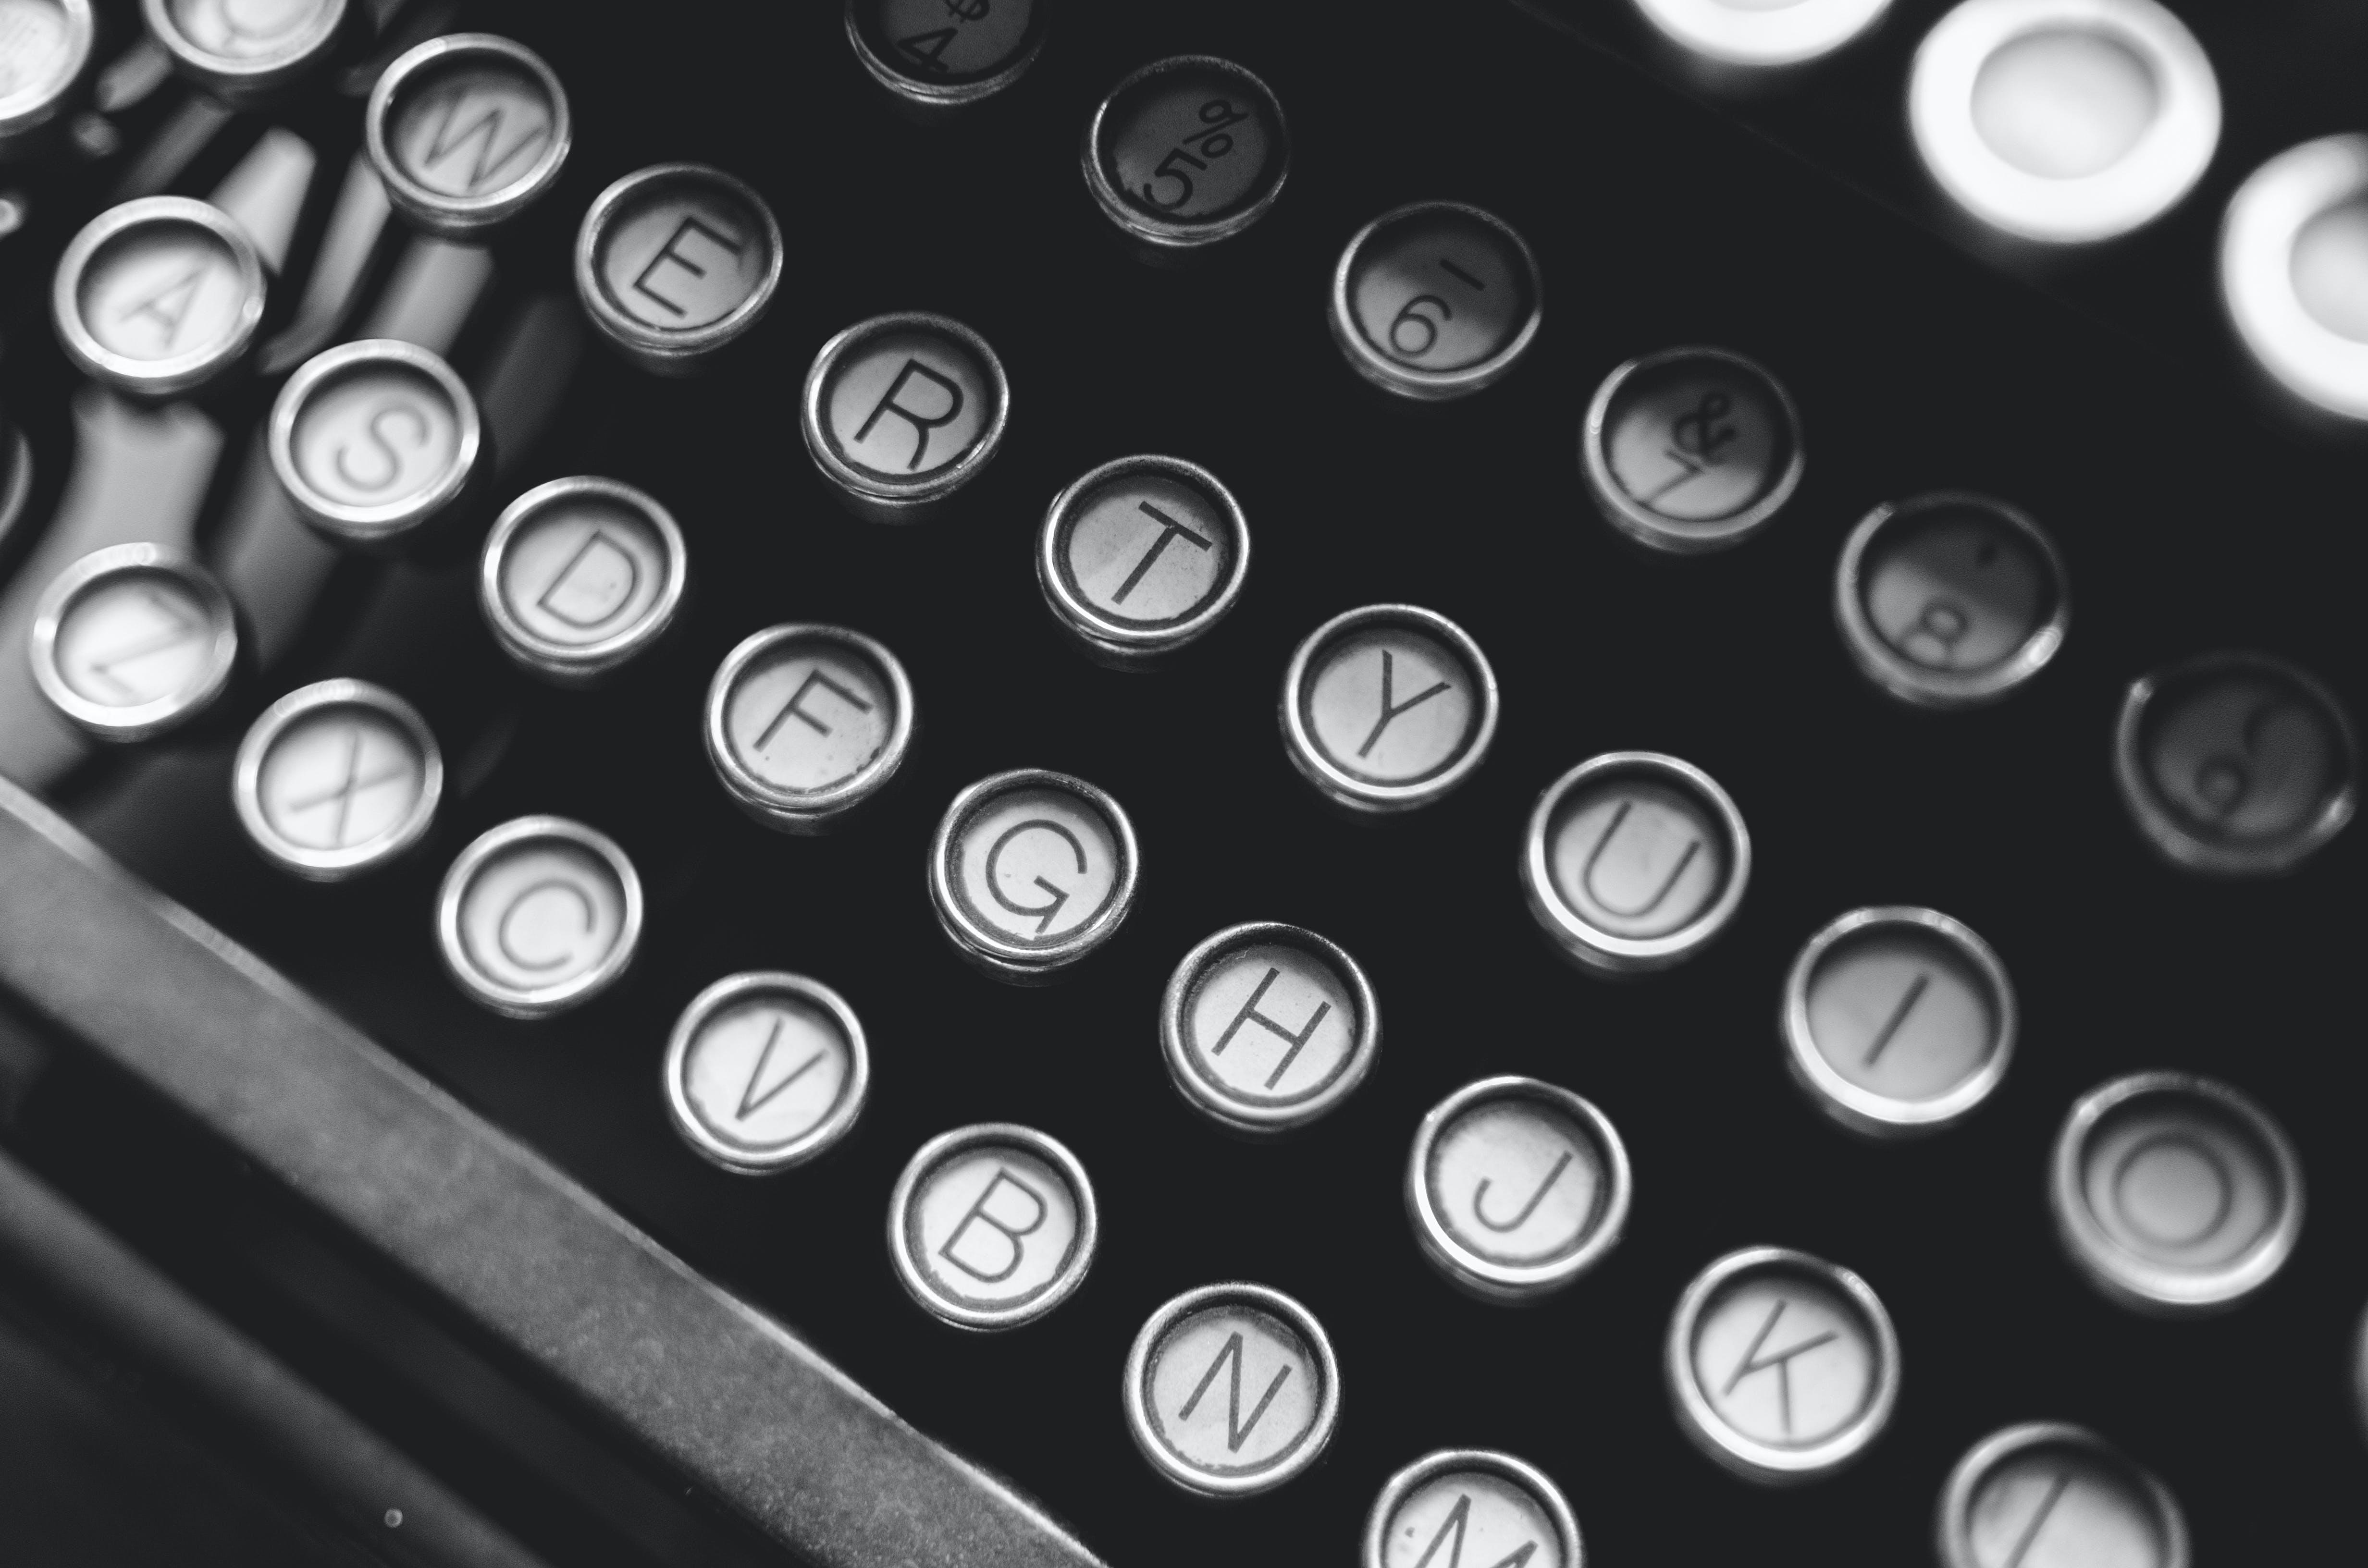 Gratis stockfoto met esthetiek, schrijfmachine, zwart en wit